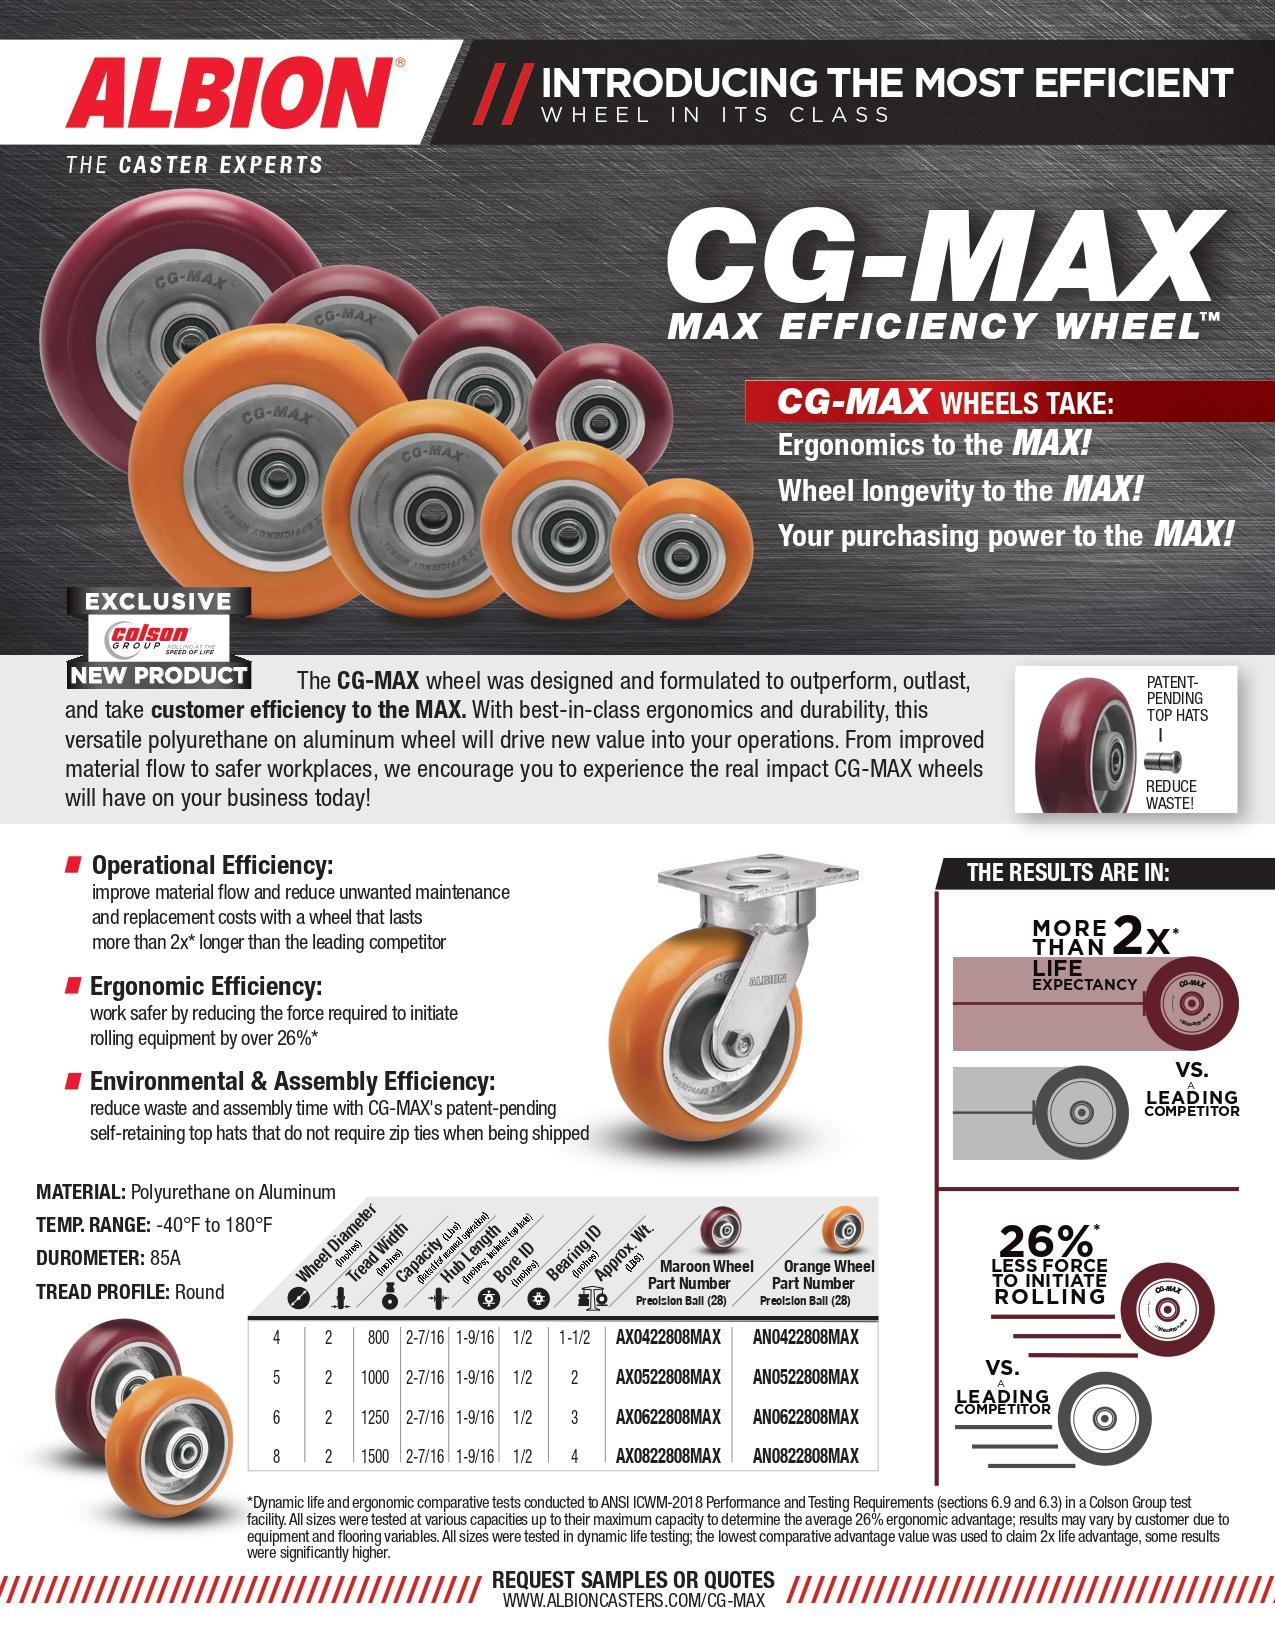 CG Max new caster specs